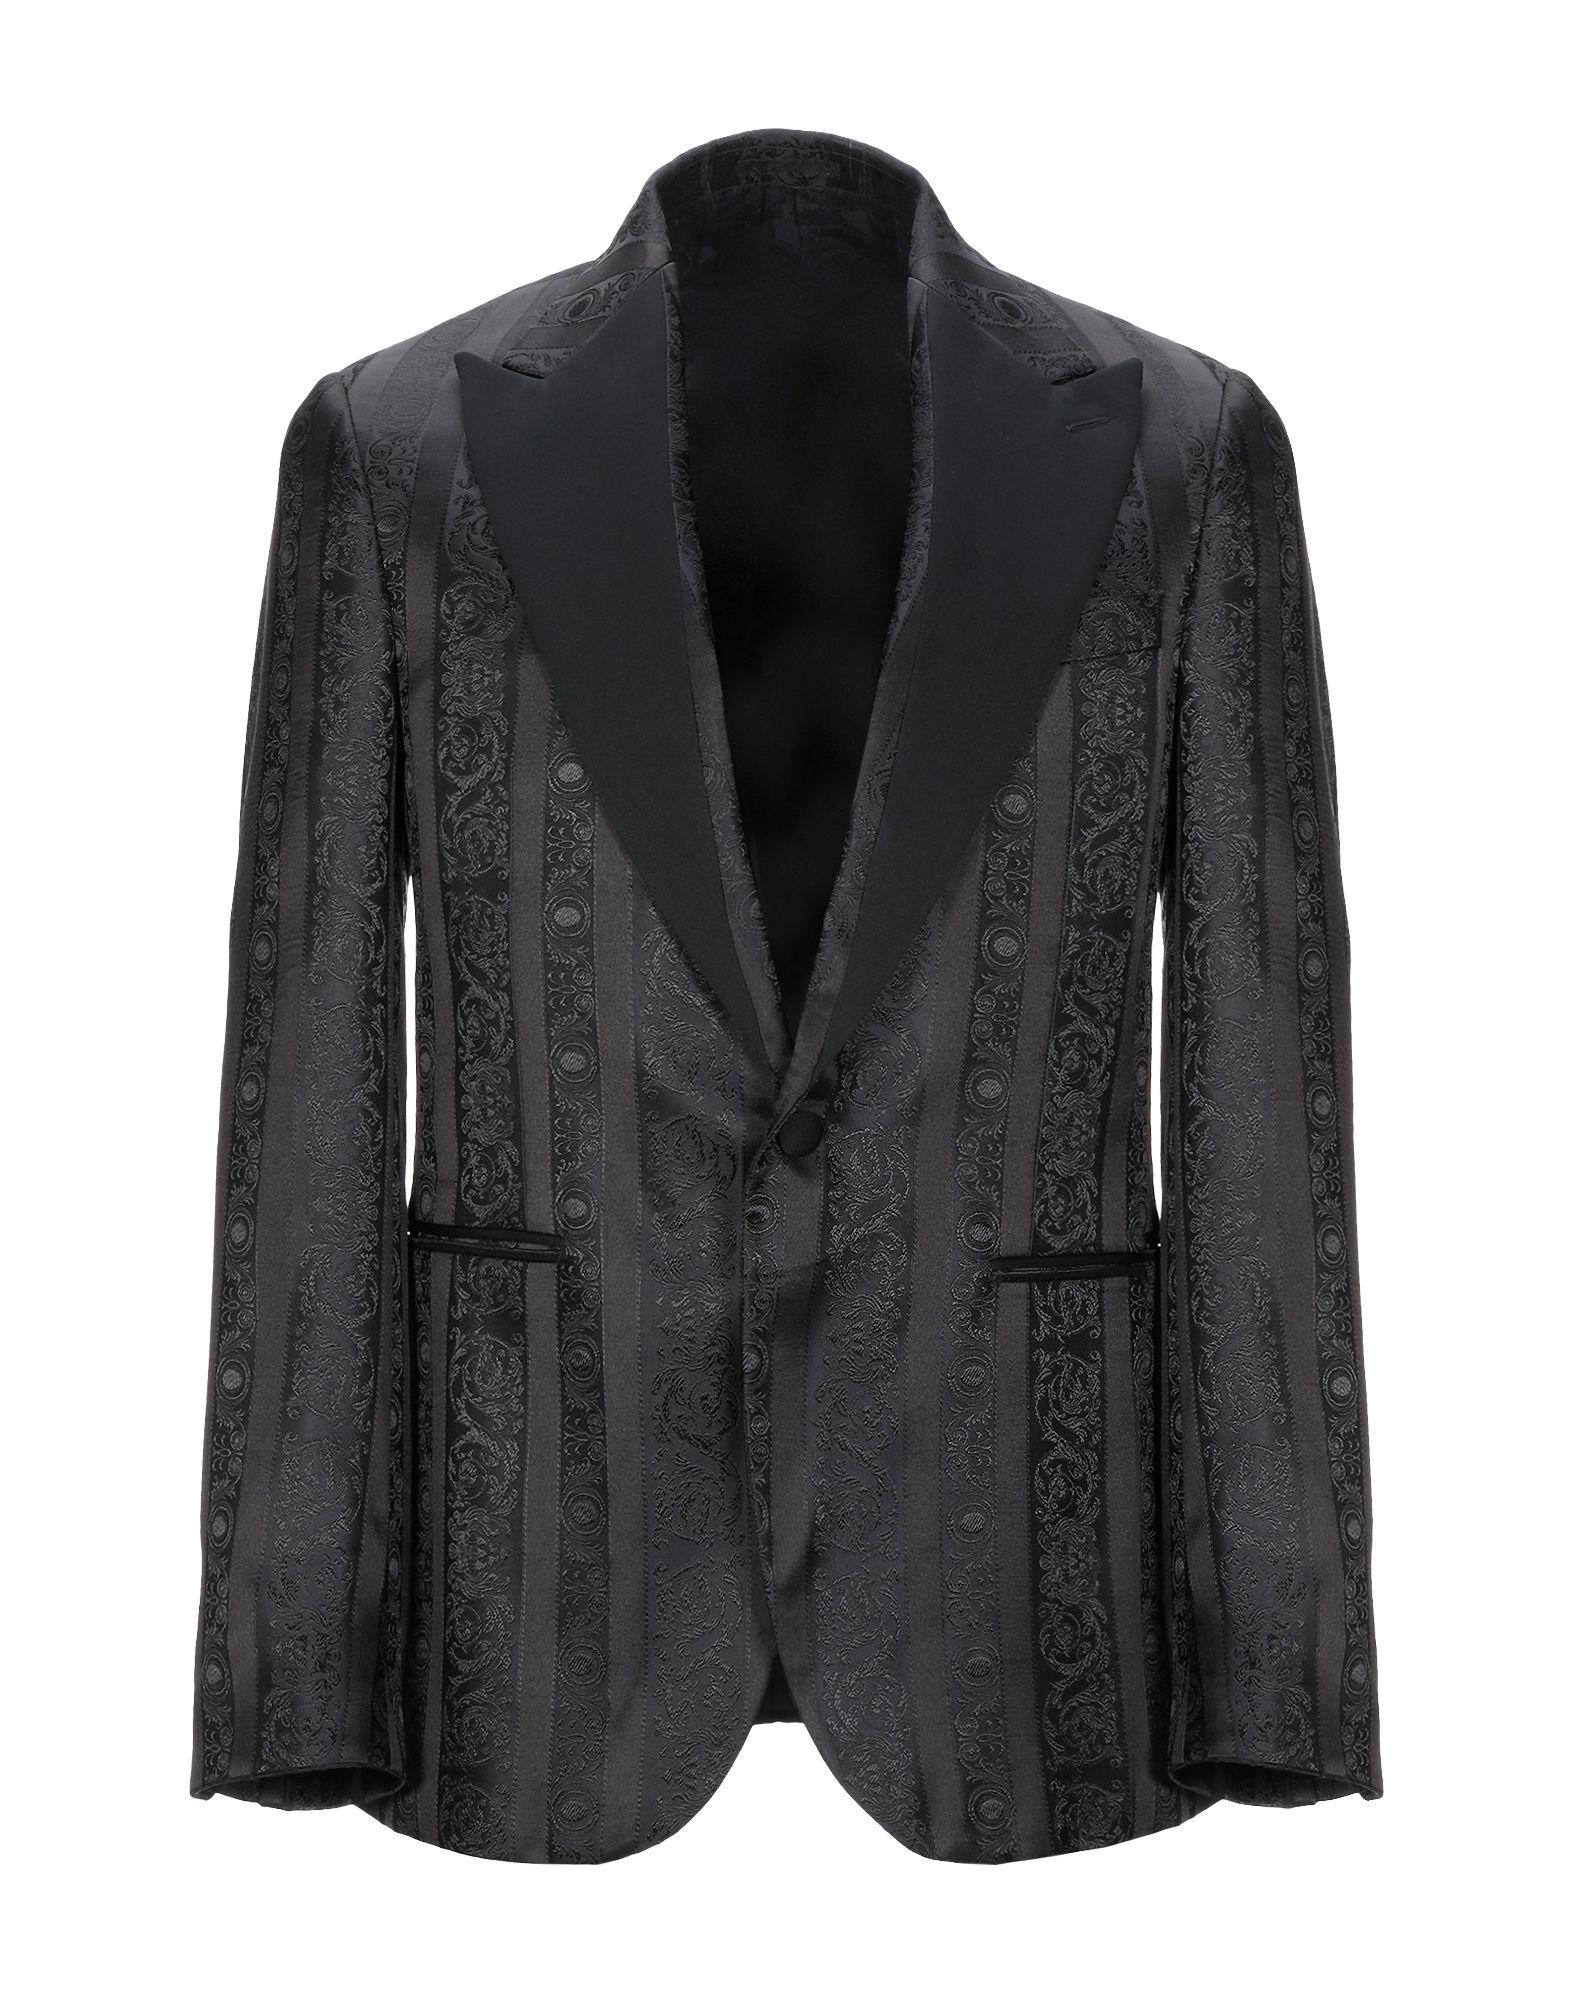 ヴェルサーチ コレクション VERSACE COLLECTION メンズ テーラード ジャケット アウター ブラック